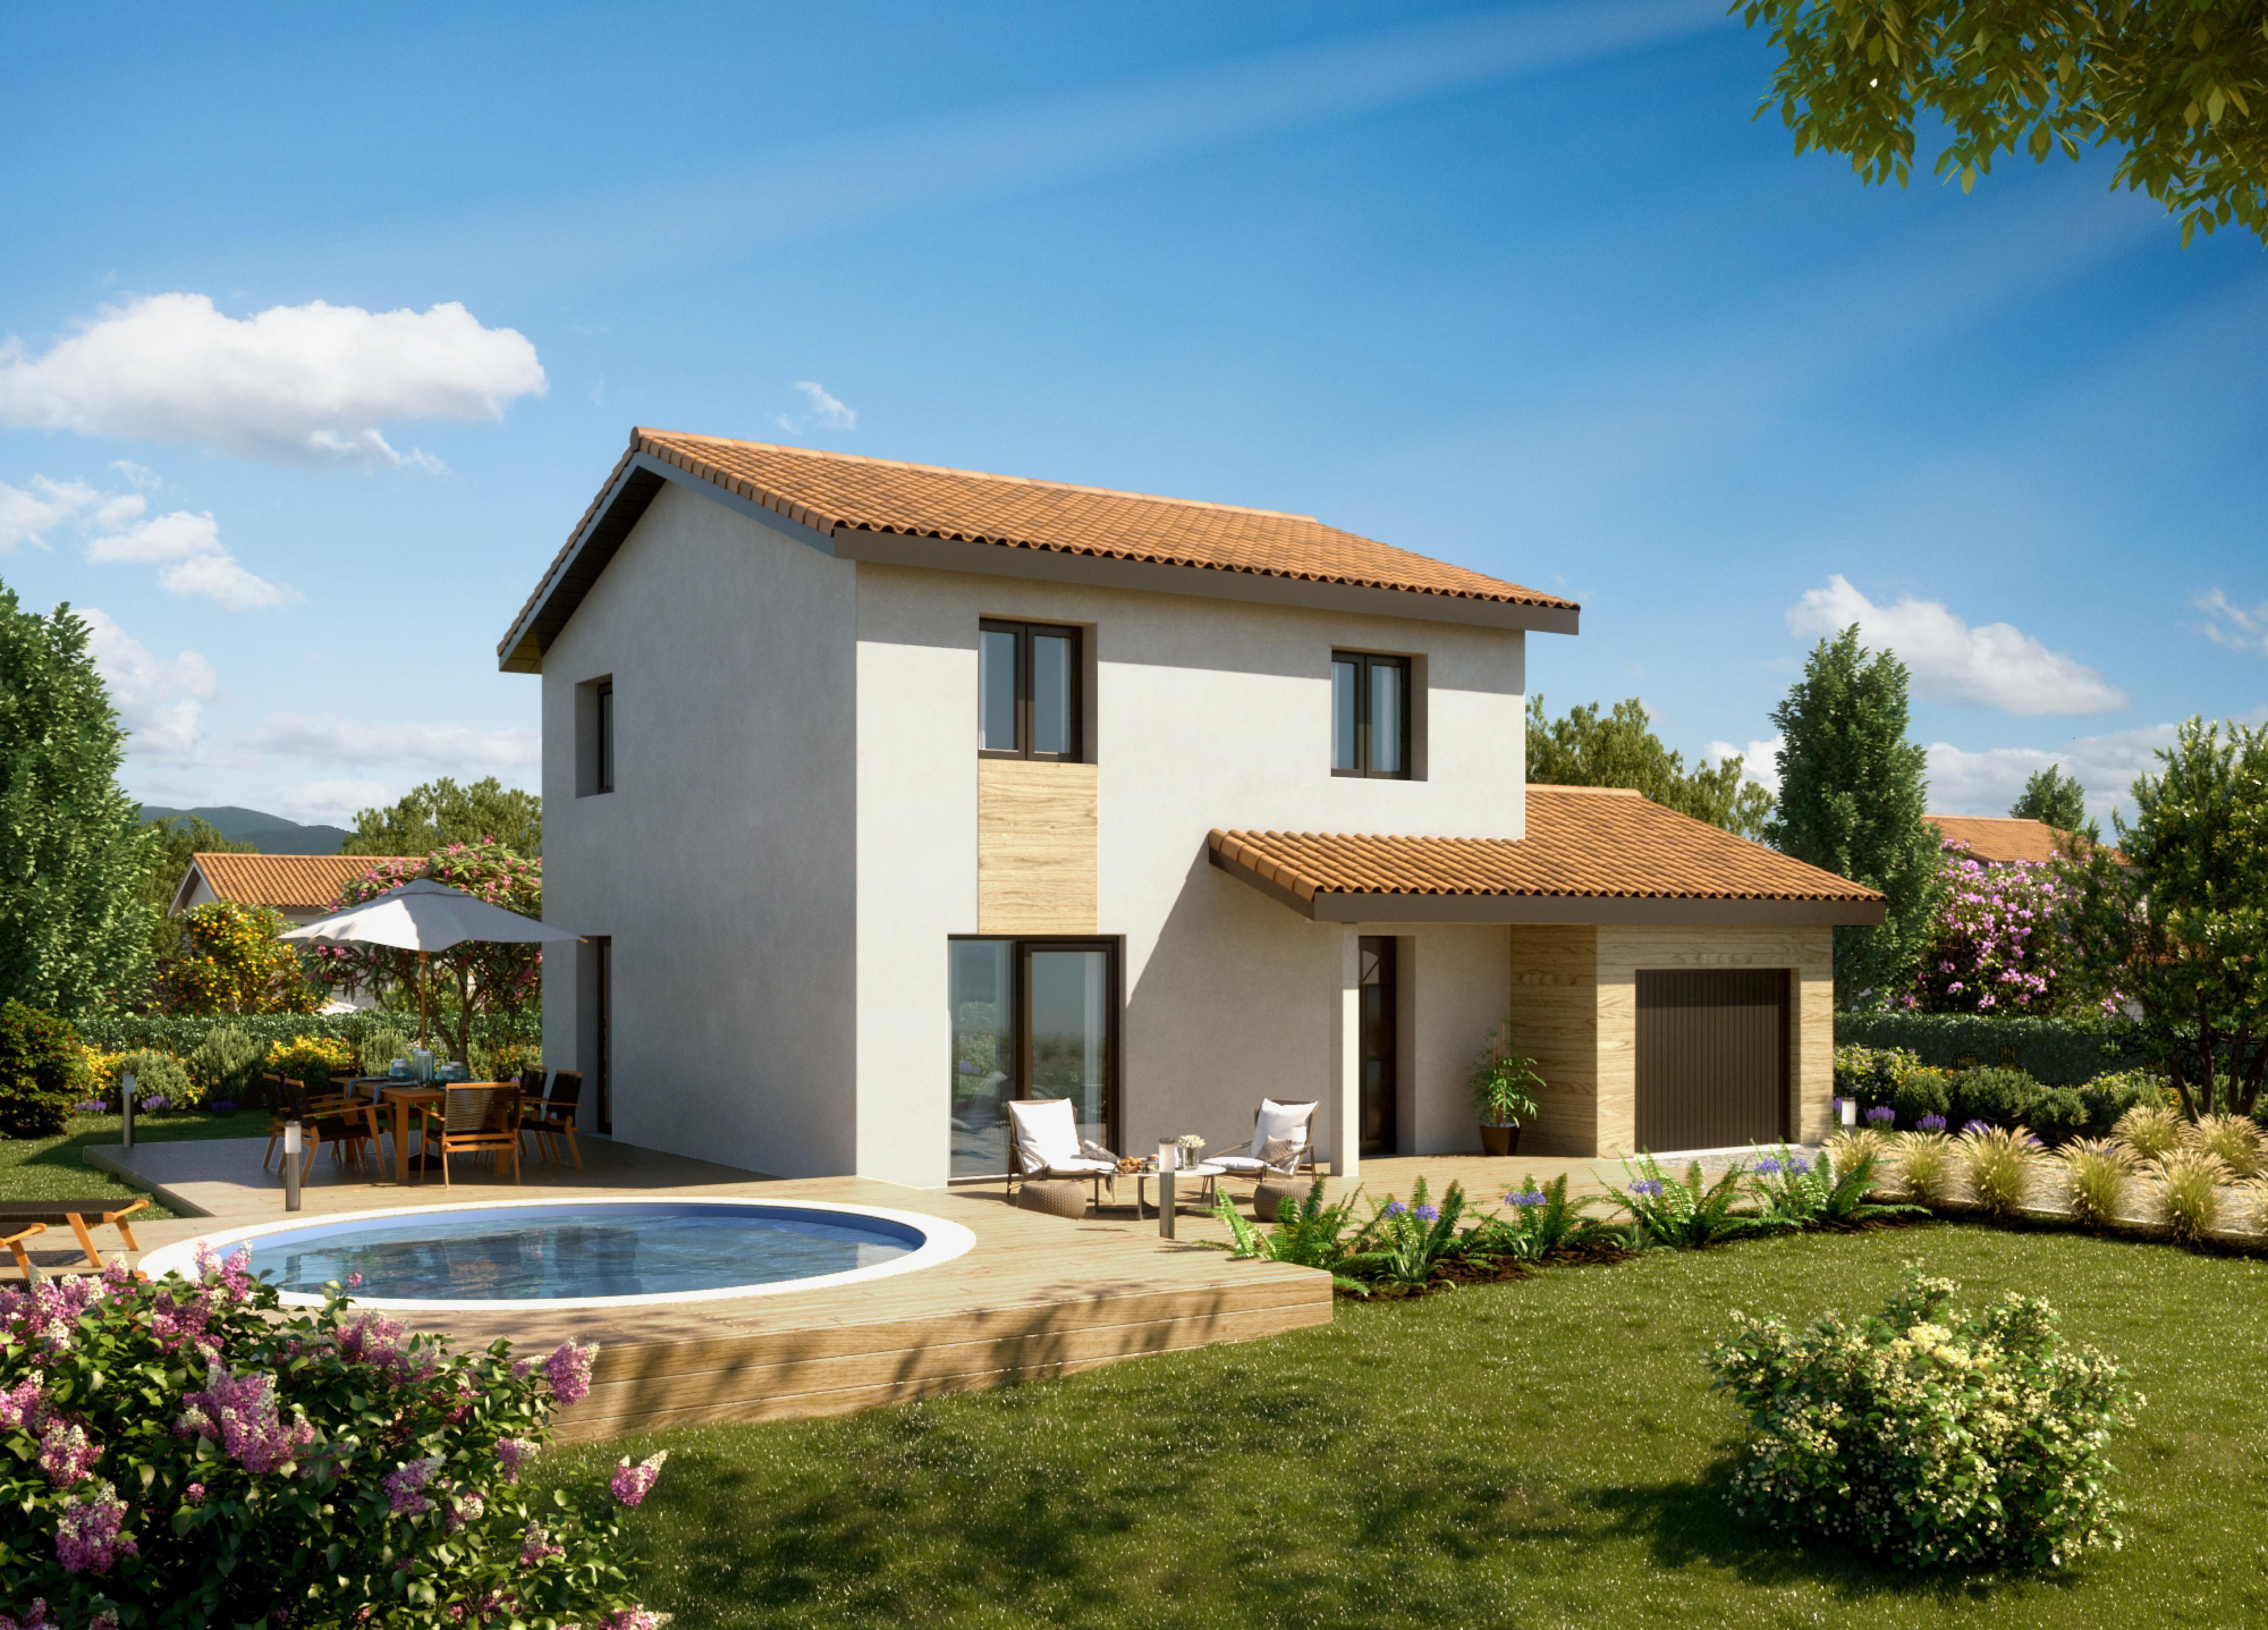 Maisons + Terrains du constructeur MAISONS PUNCH • 79 m² • SENNECE LES MACON